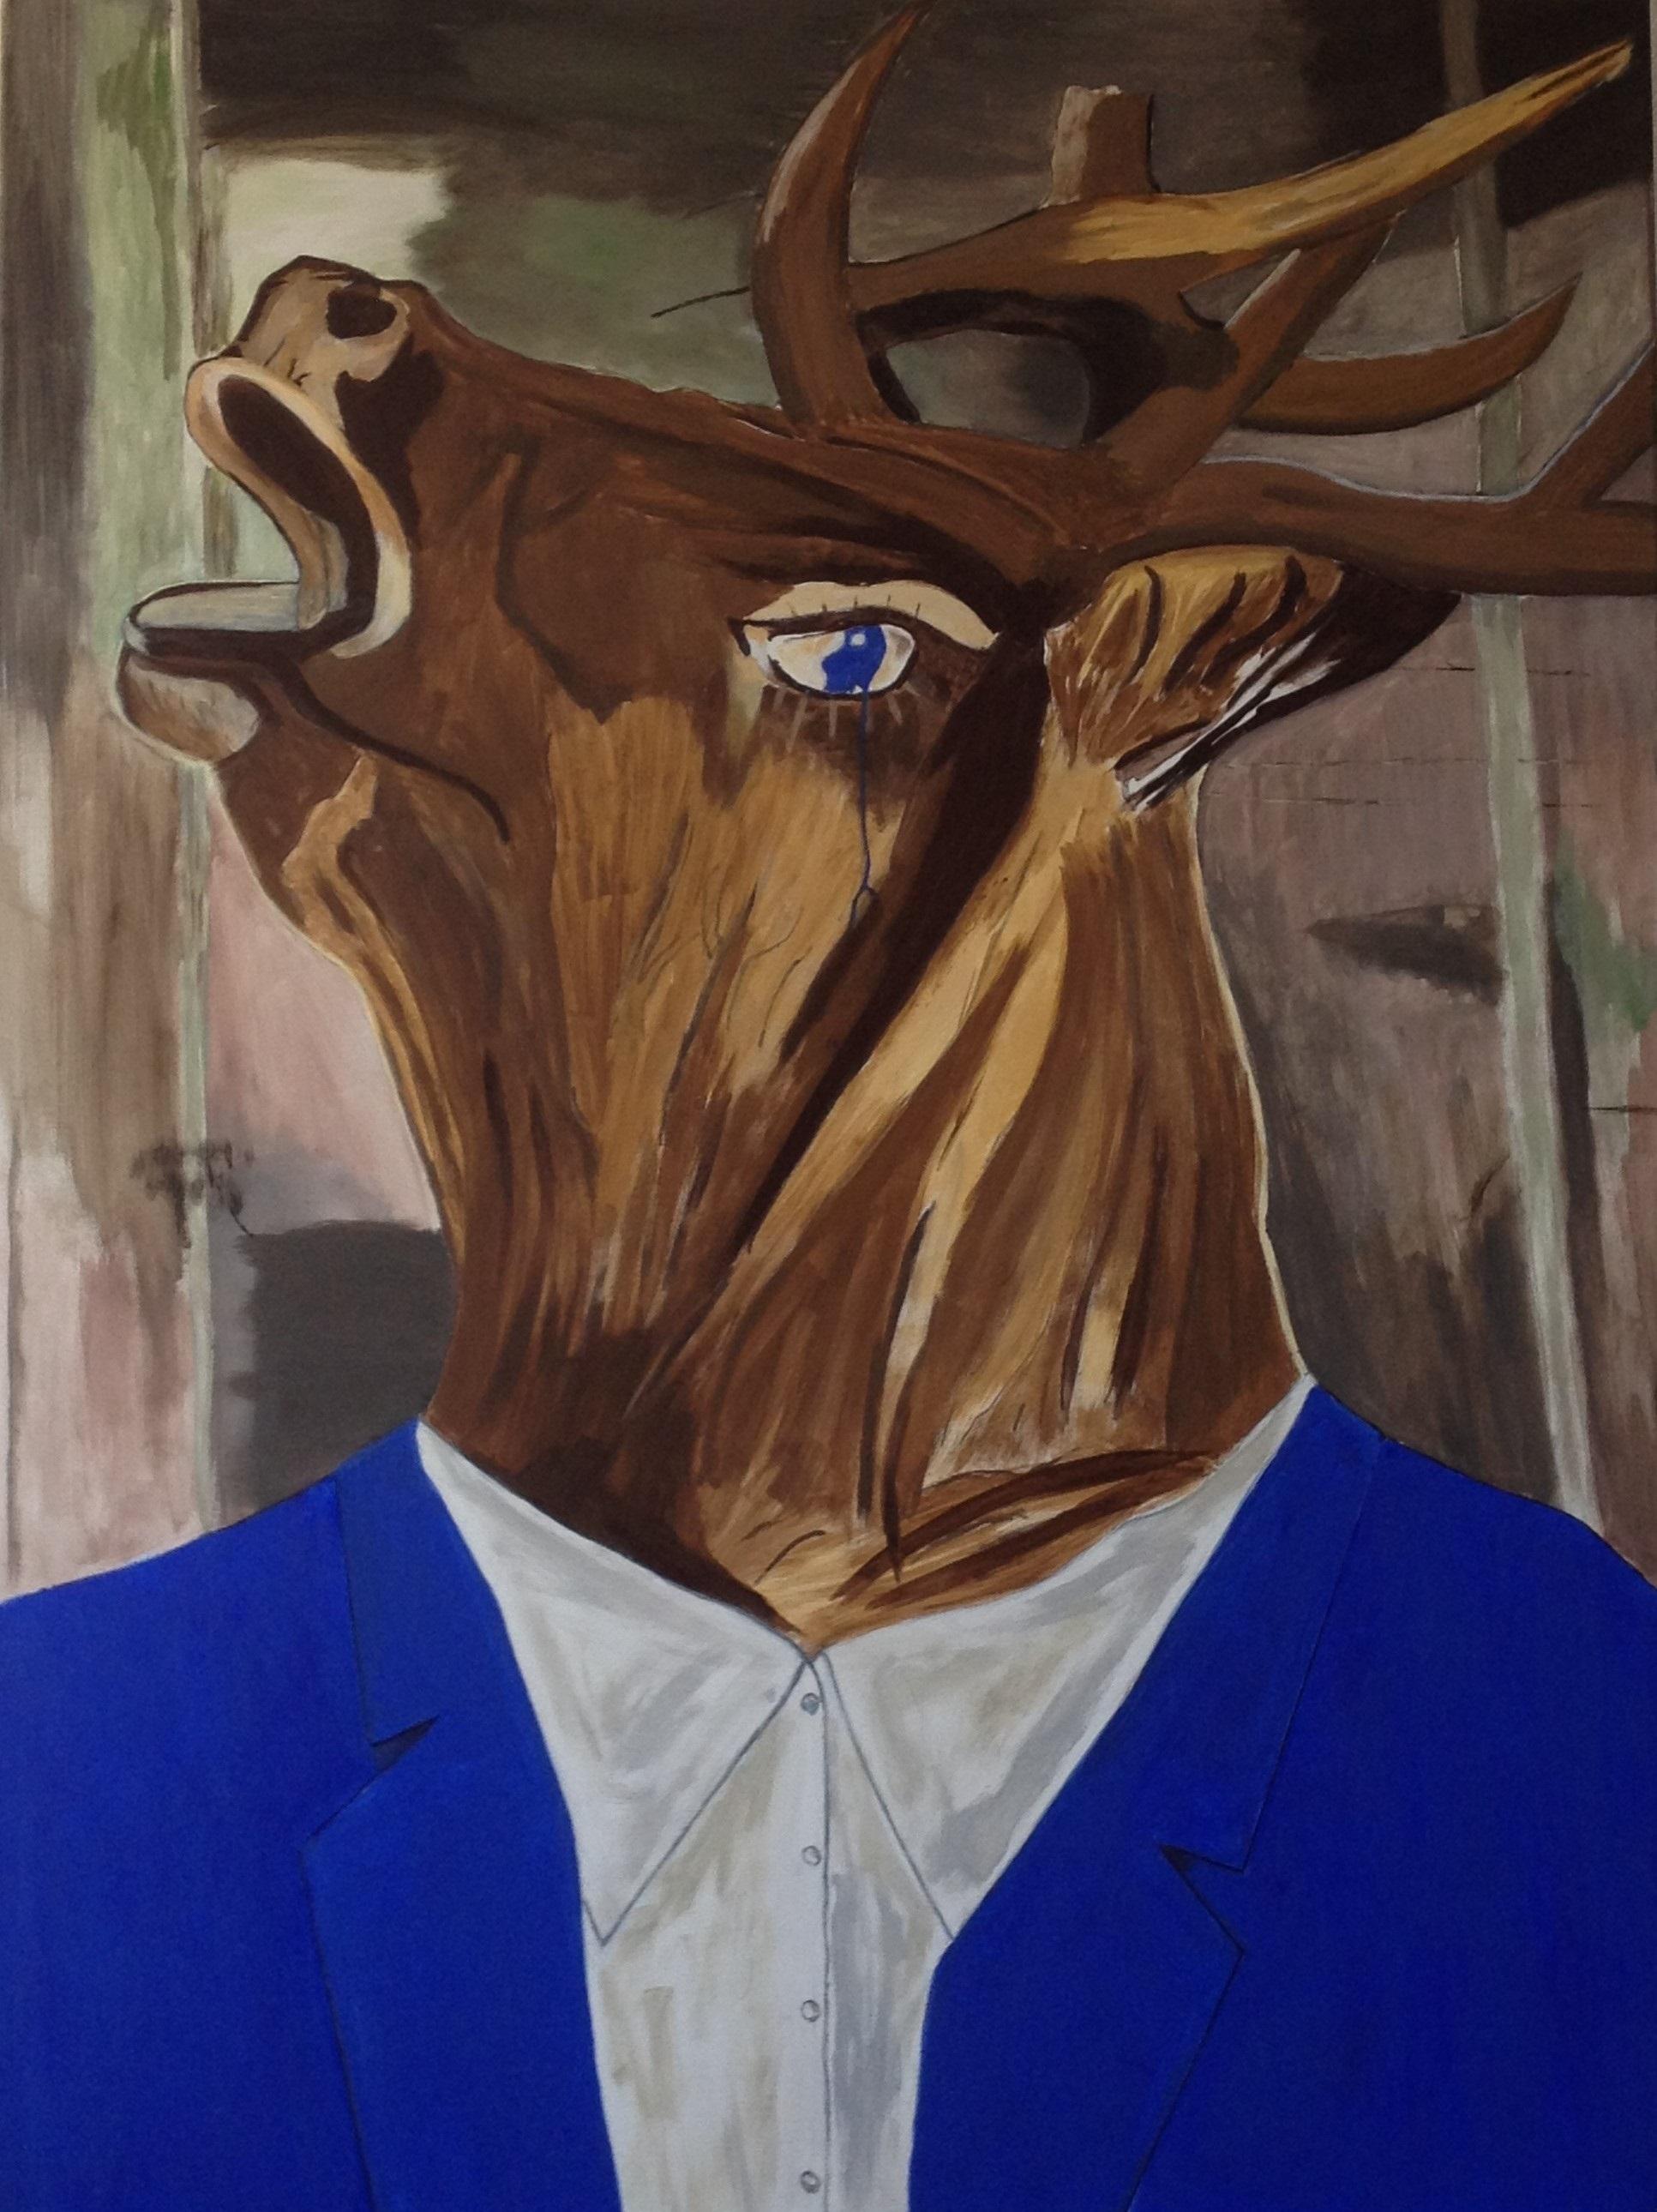 Röhrender Hirsch im blauen Anzug